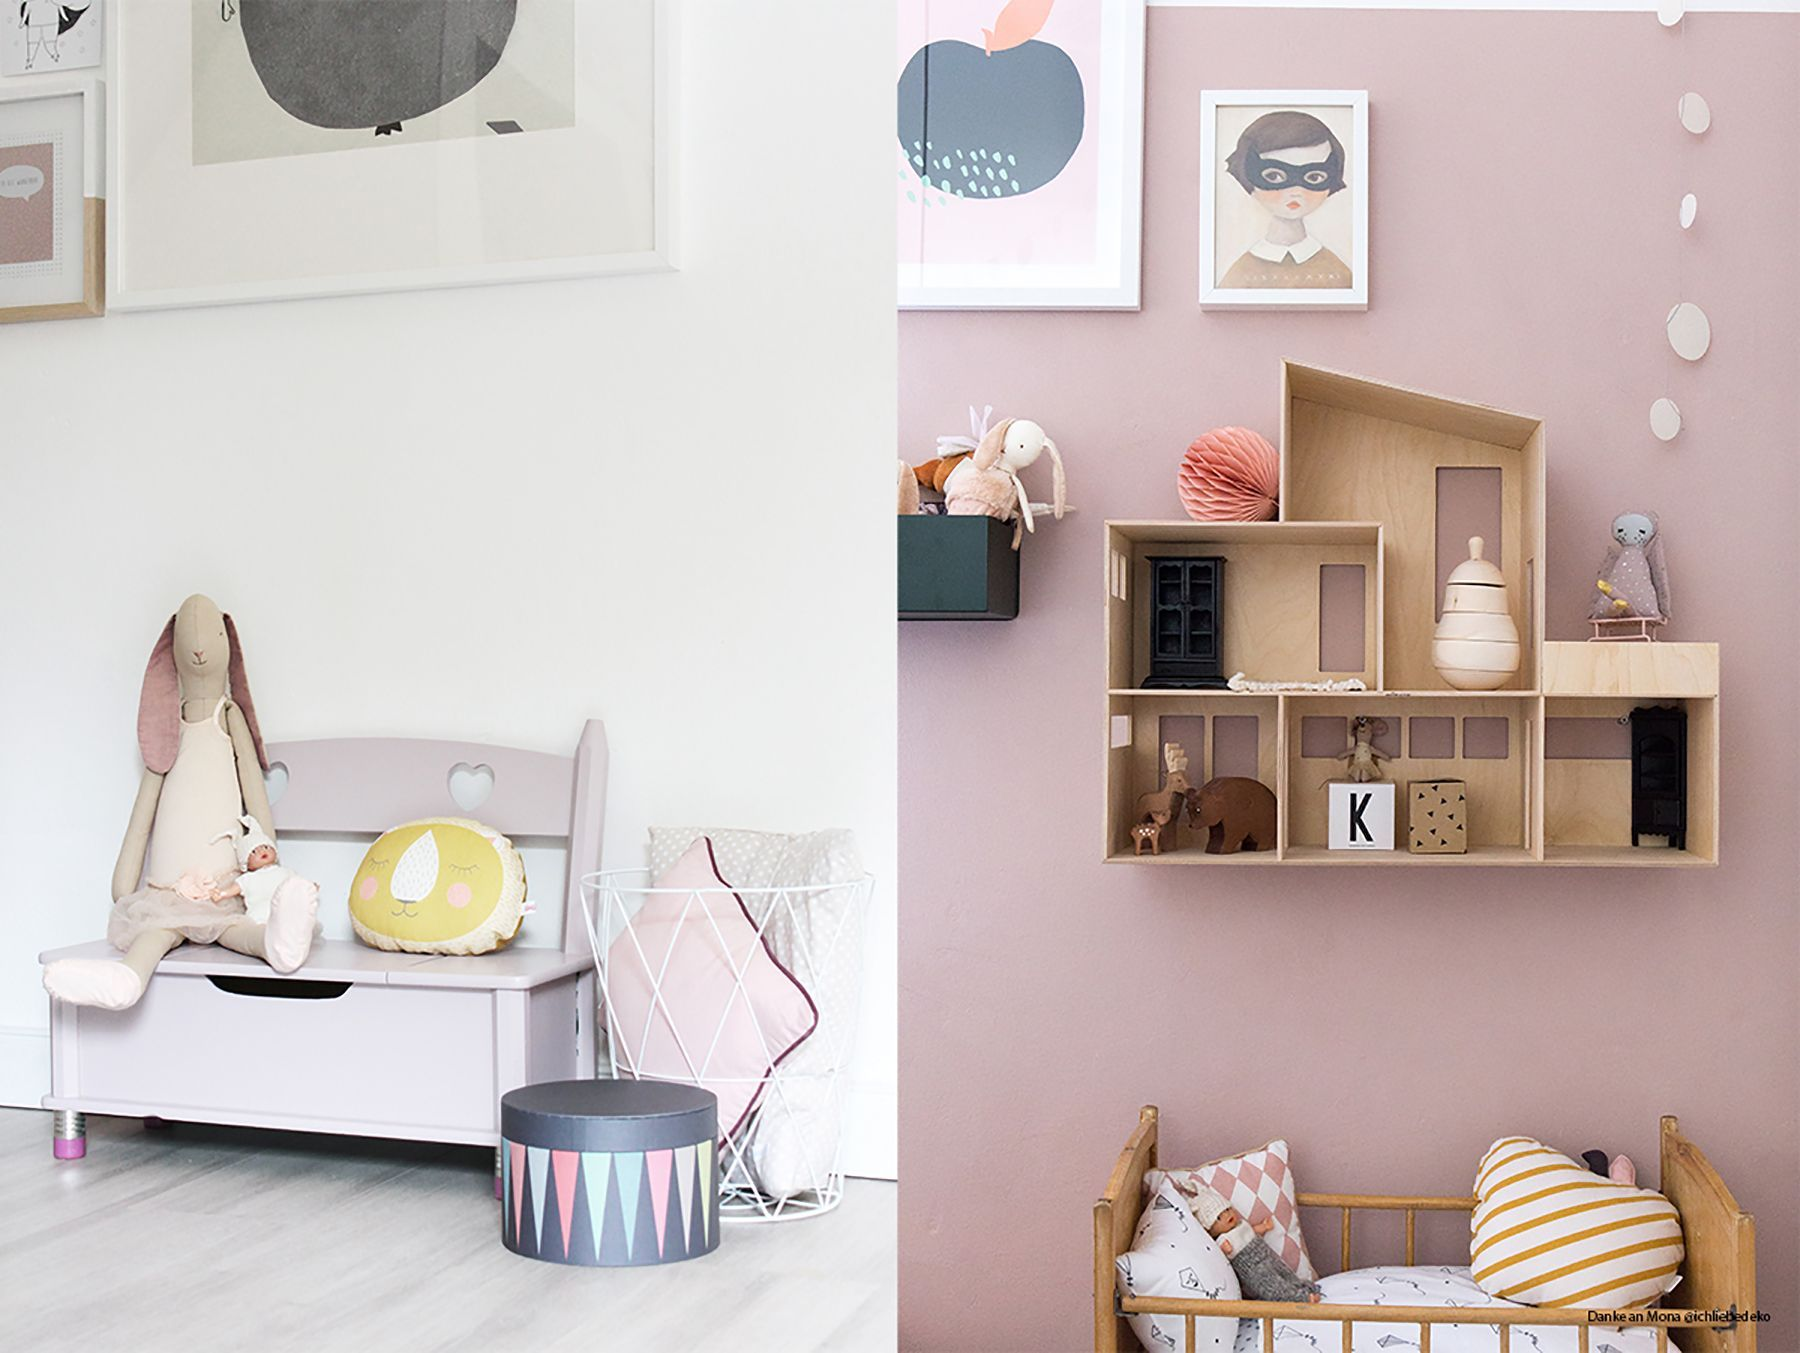 Full Size of Wandfarben In Altrosa Von Kolorat Farben Online Bestellen Küche Rosa Wohnzimmer Wandfarbe Rosa